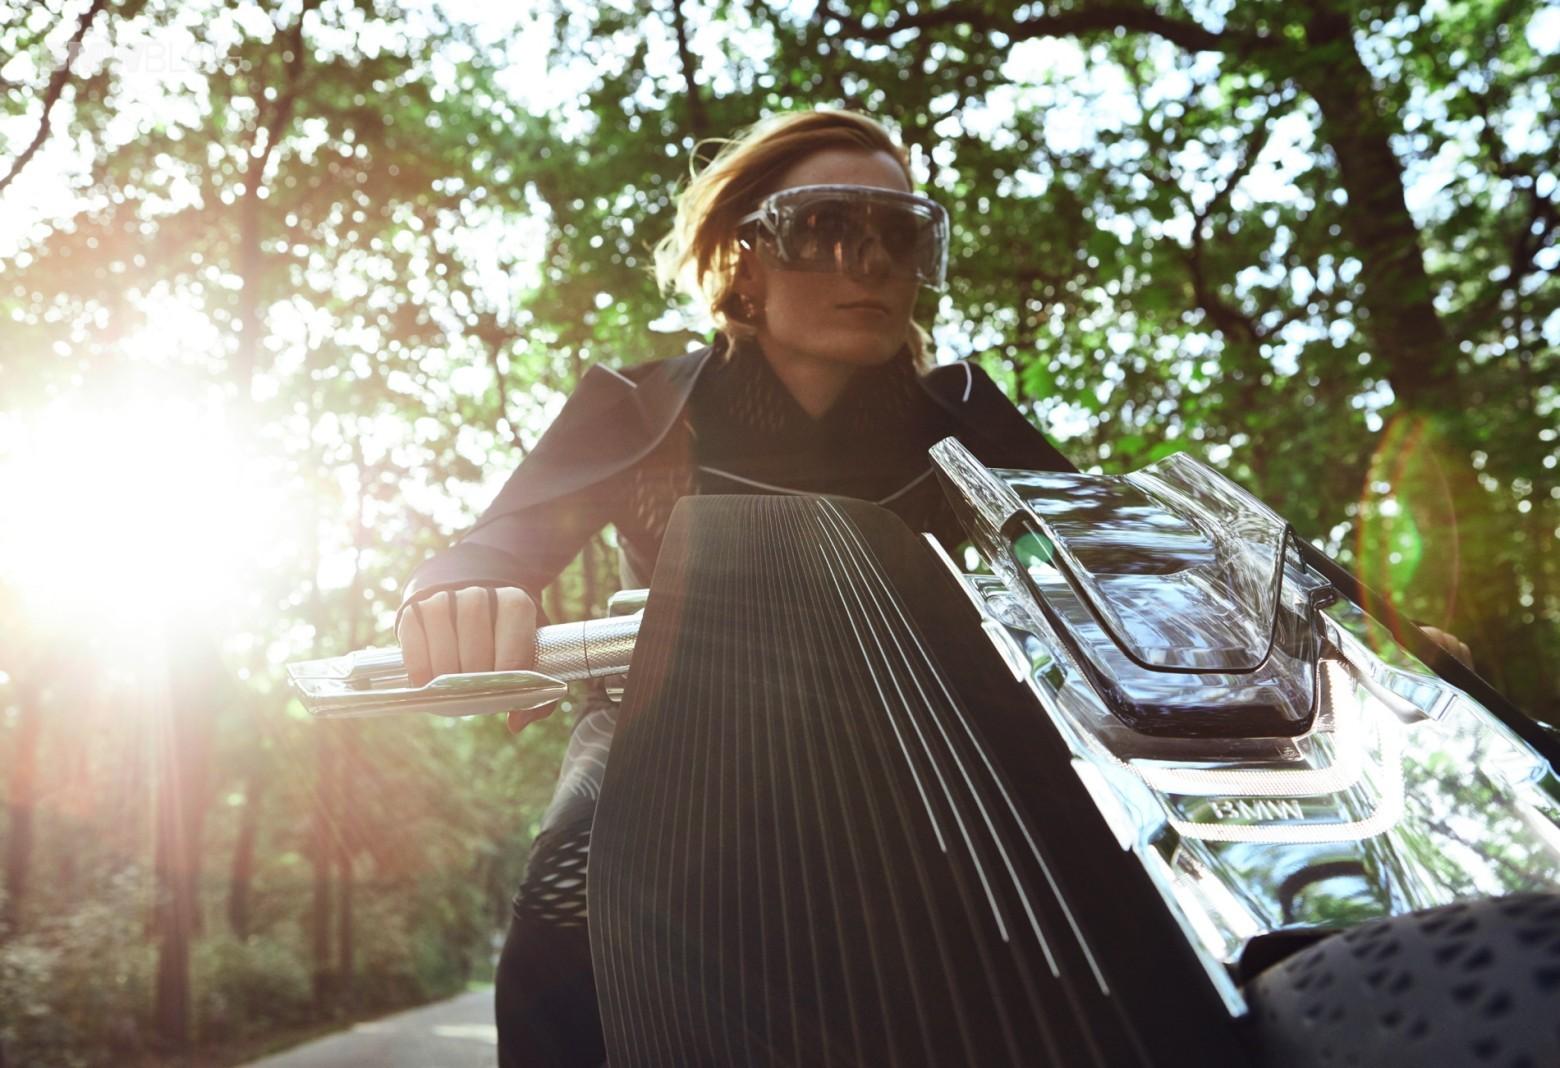 Концепт гибкого мотоцикла BMW Motorrad VISION NEXT 100 - 7